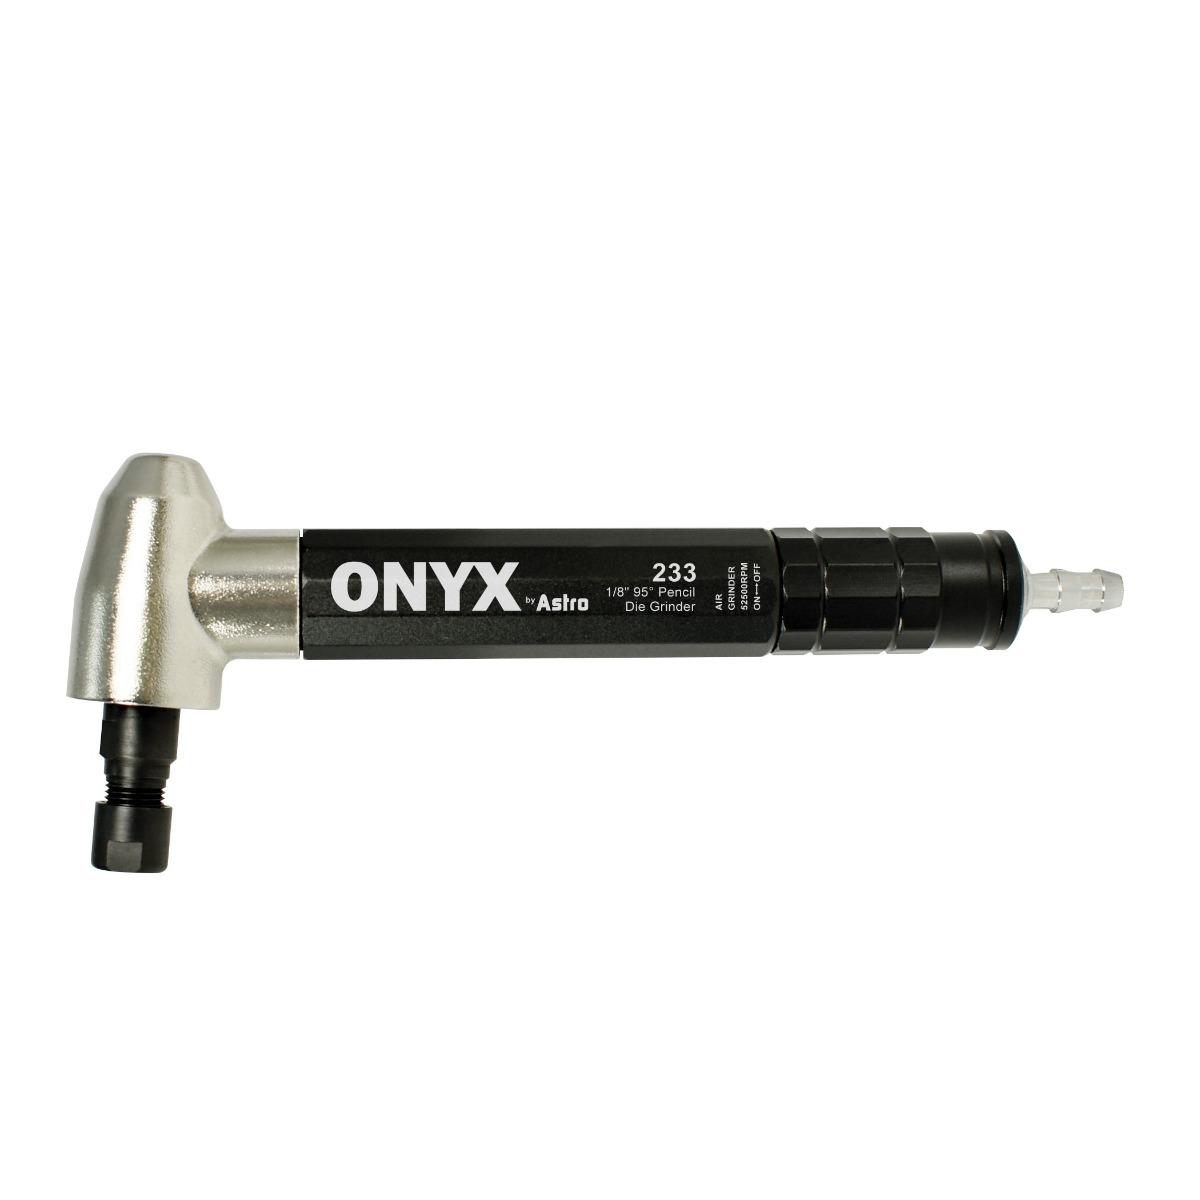 """ONYX 1/8"""" 95° Pencil Die Grinder-0"""